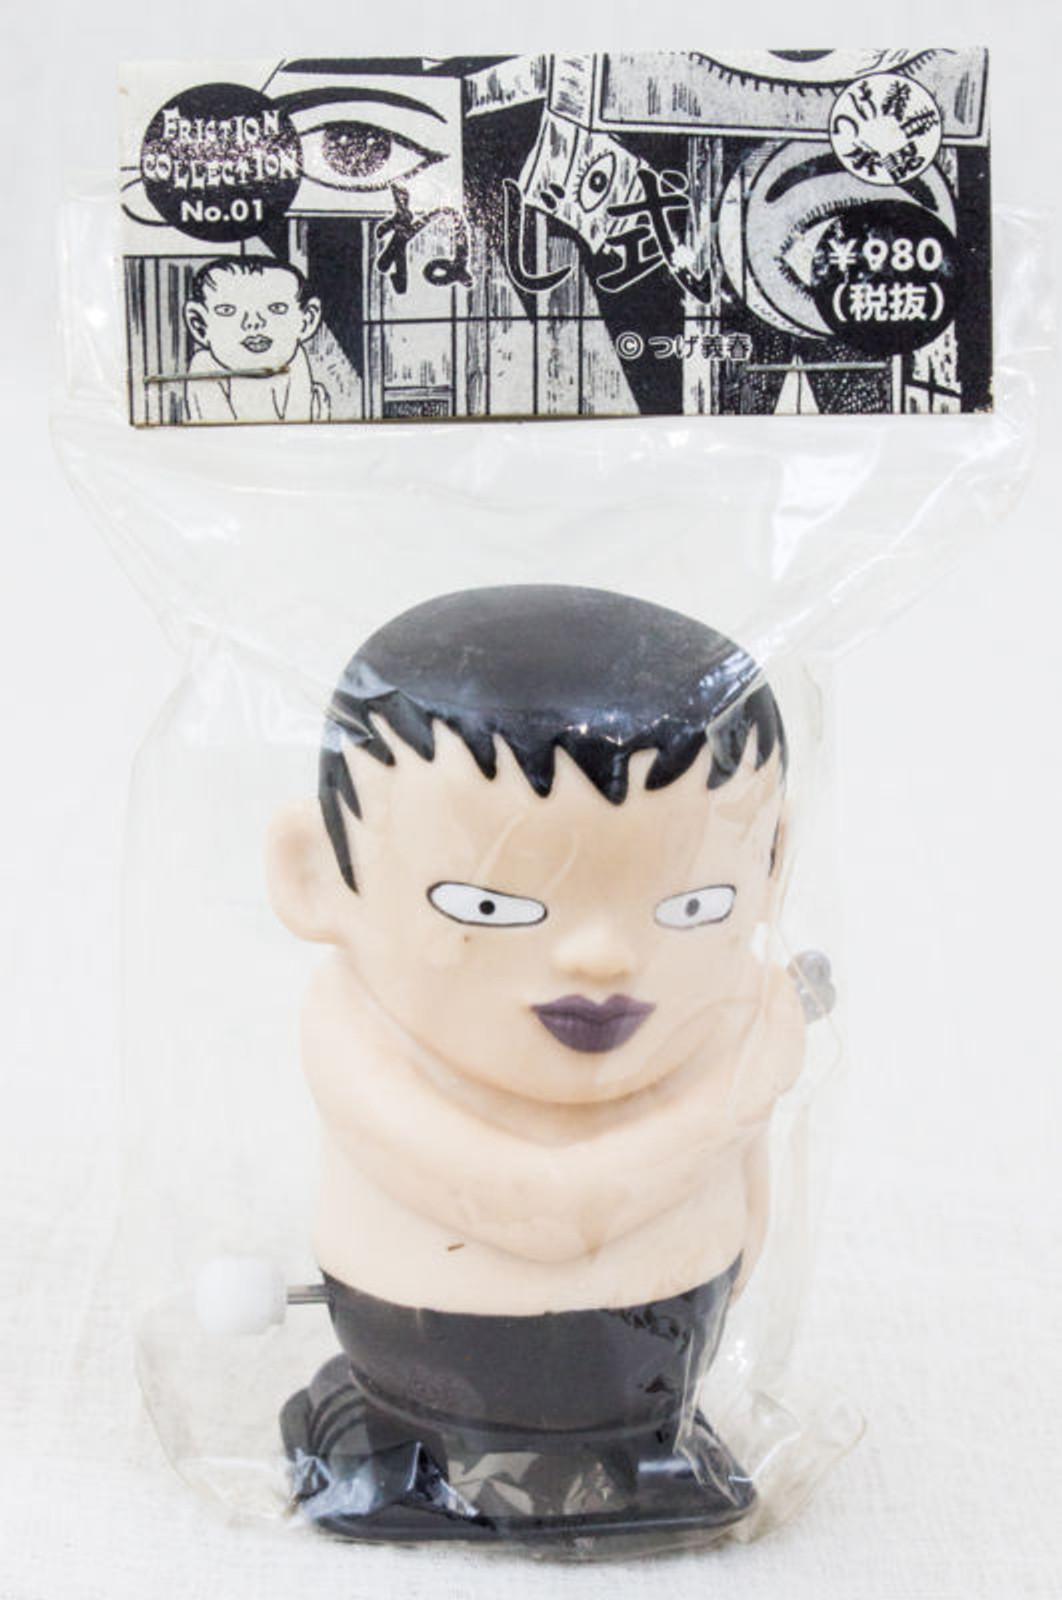 NEJI-SHIKI Wind-Up Figure Medicom Toy Yoshiharu Tsuge JAPAN MANGA GARO